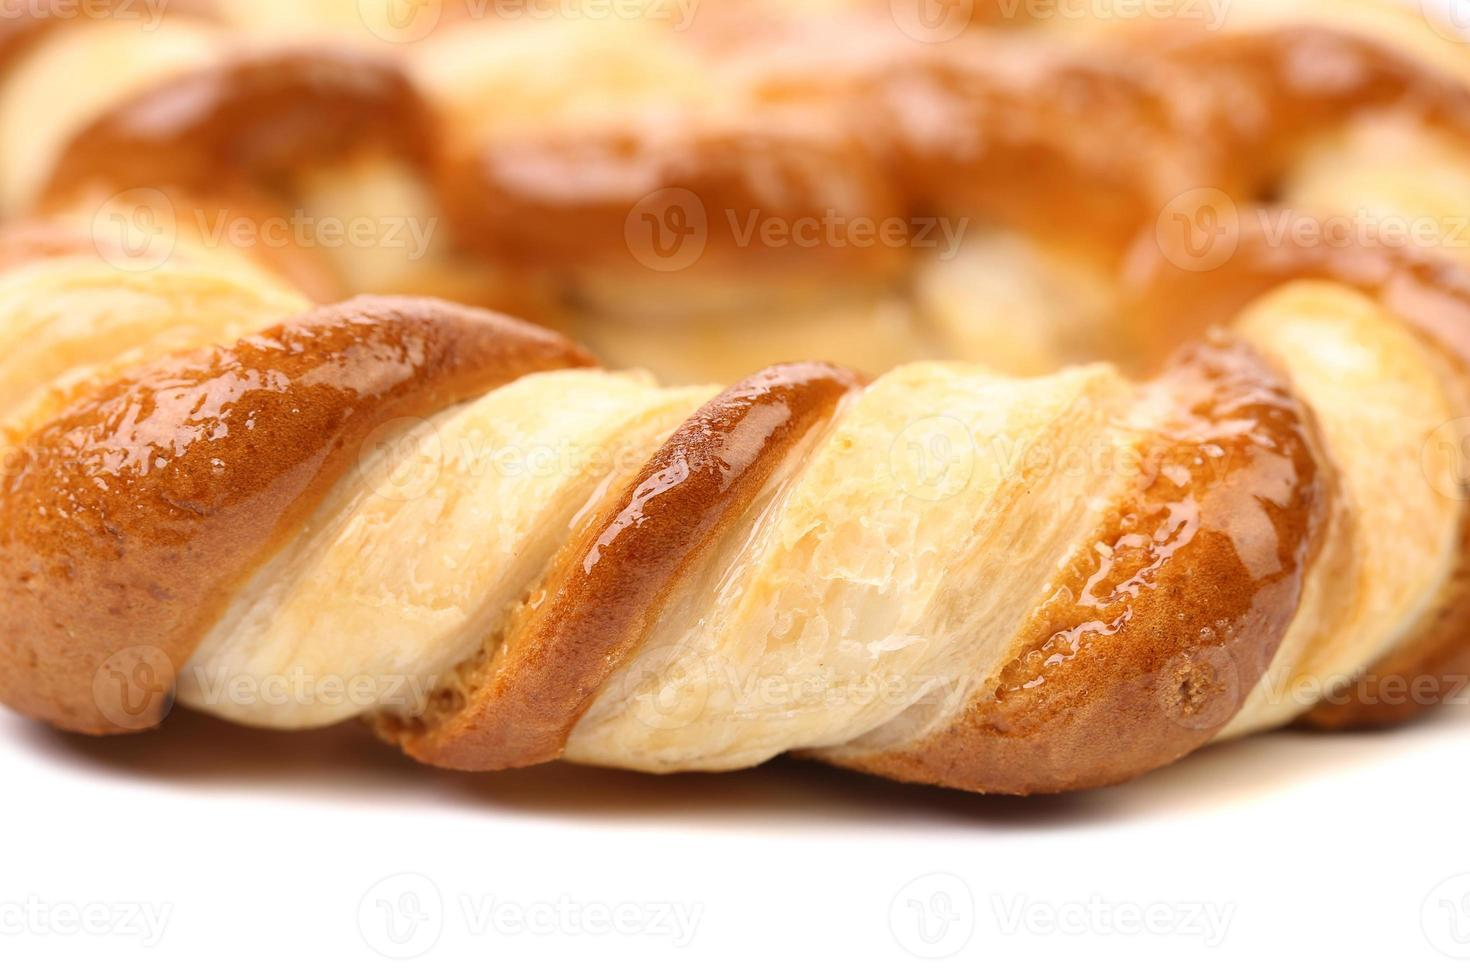 biscuits en forme de noeud sur fond blanc photo